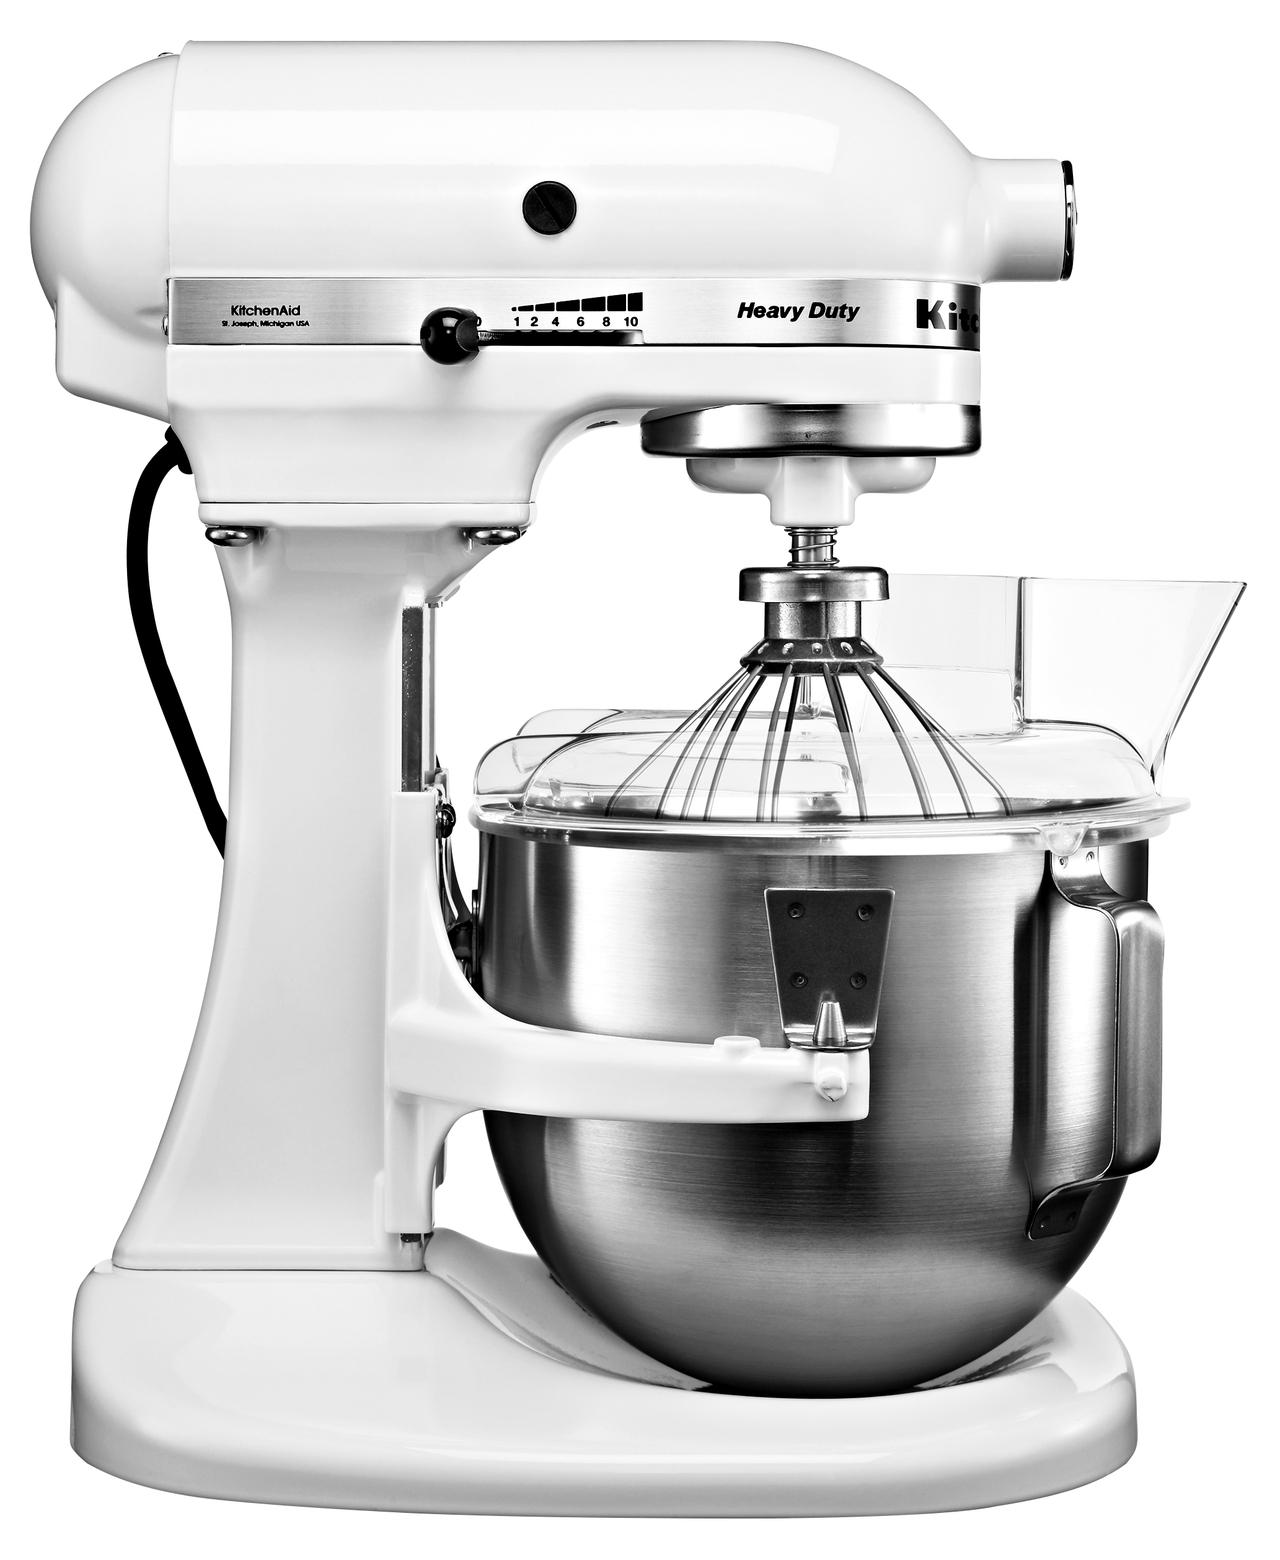 Kitchenaid Küchenmaschine 5KPM5EWH Heavy Duty, Weiß